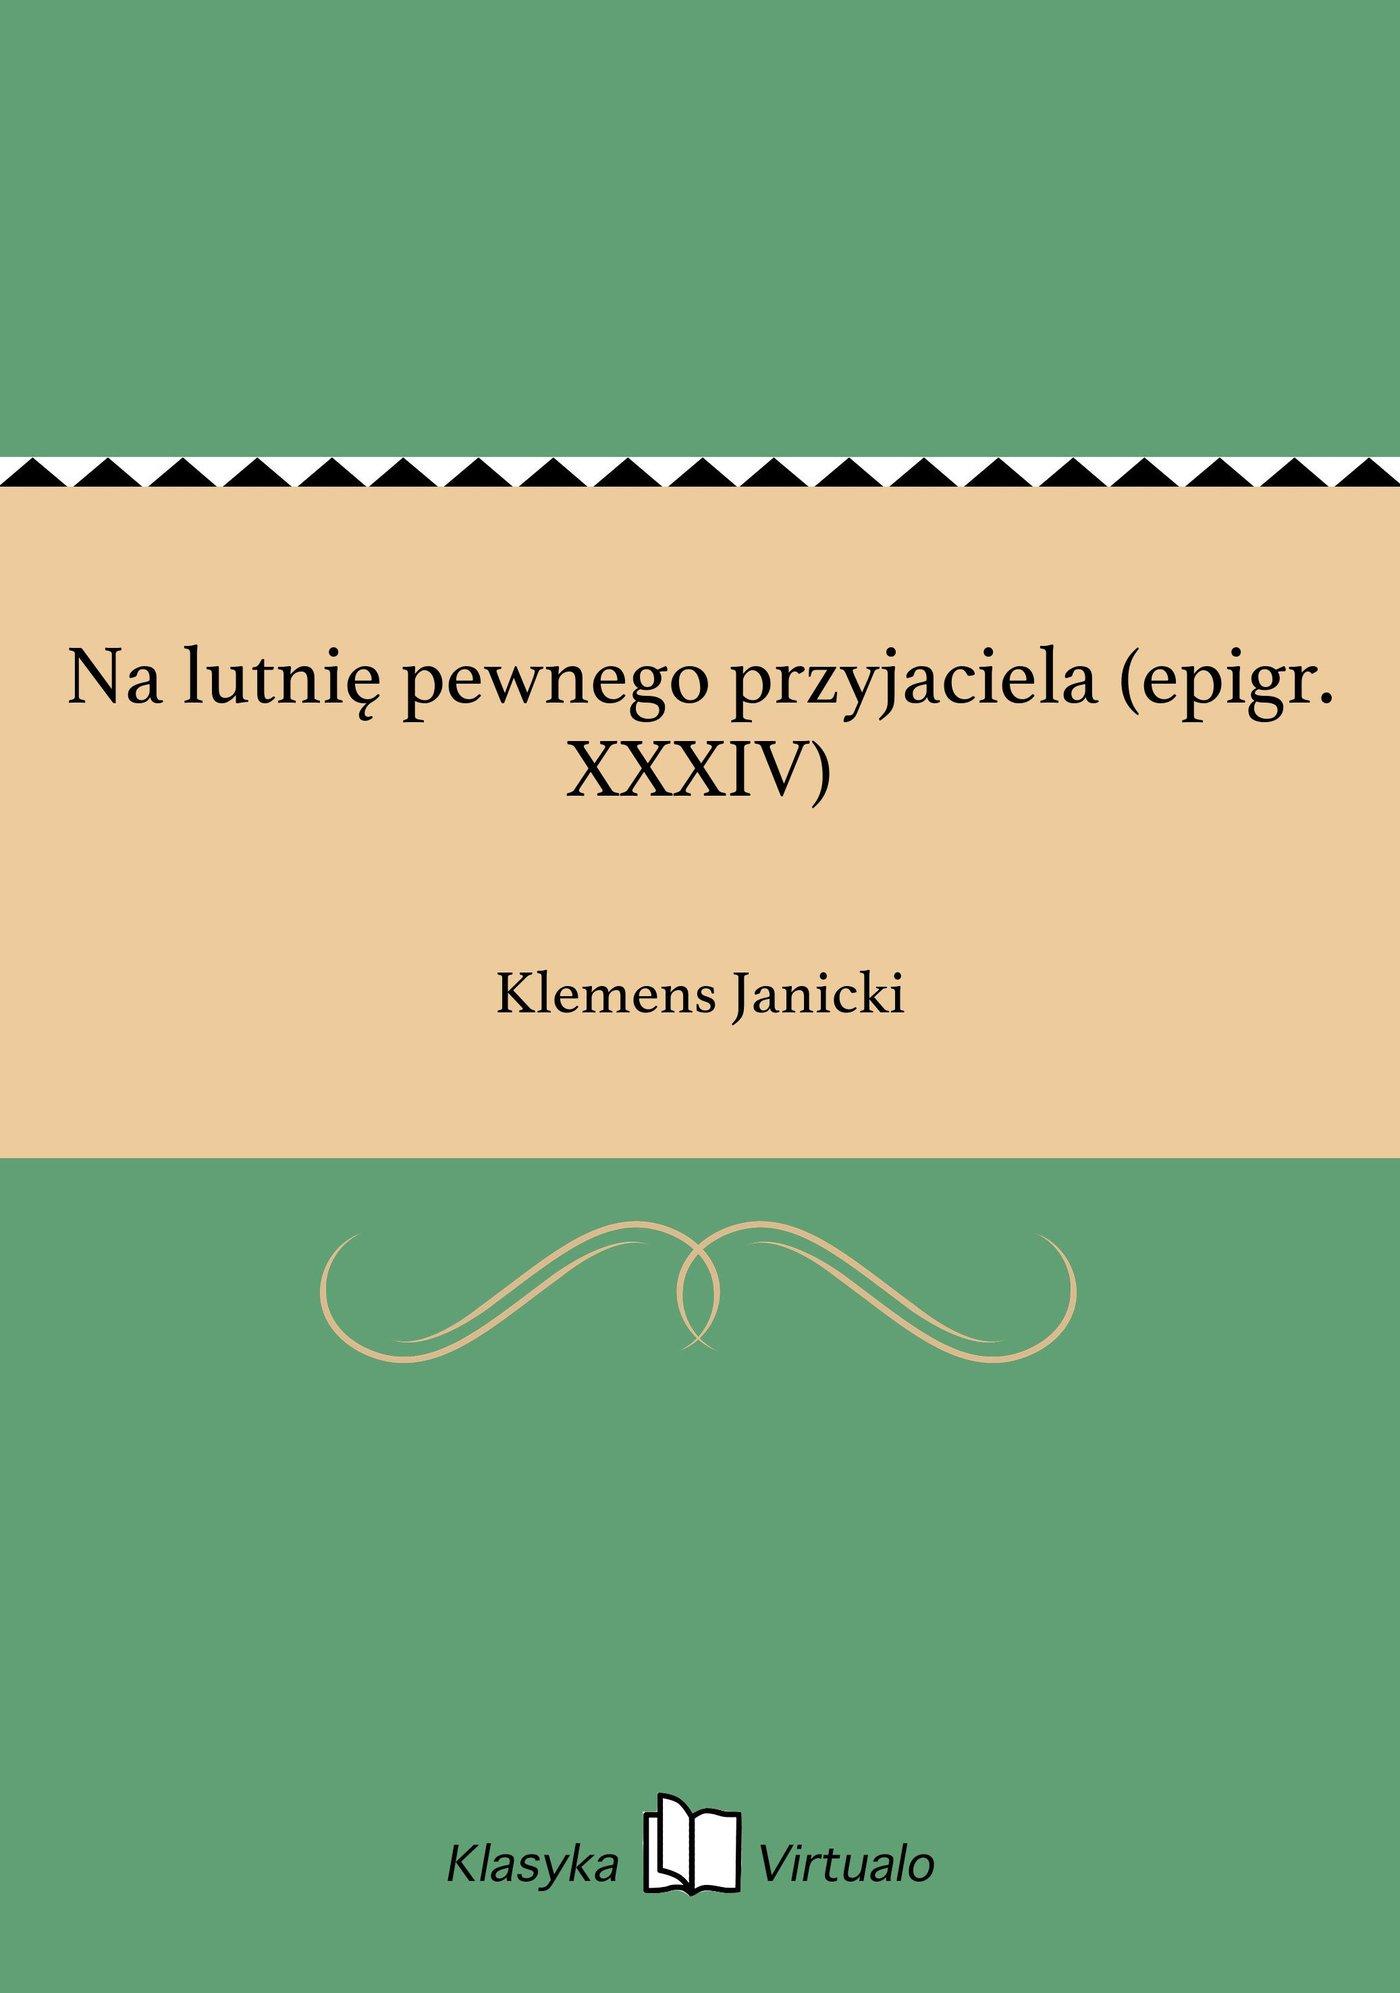 Na lutnię pewnego przyjaciela (epigr. XXXIV) - Ebook (Książka EPUB) do pobrania w formacie EPUB